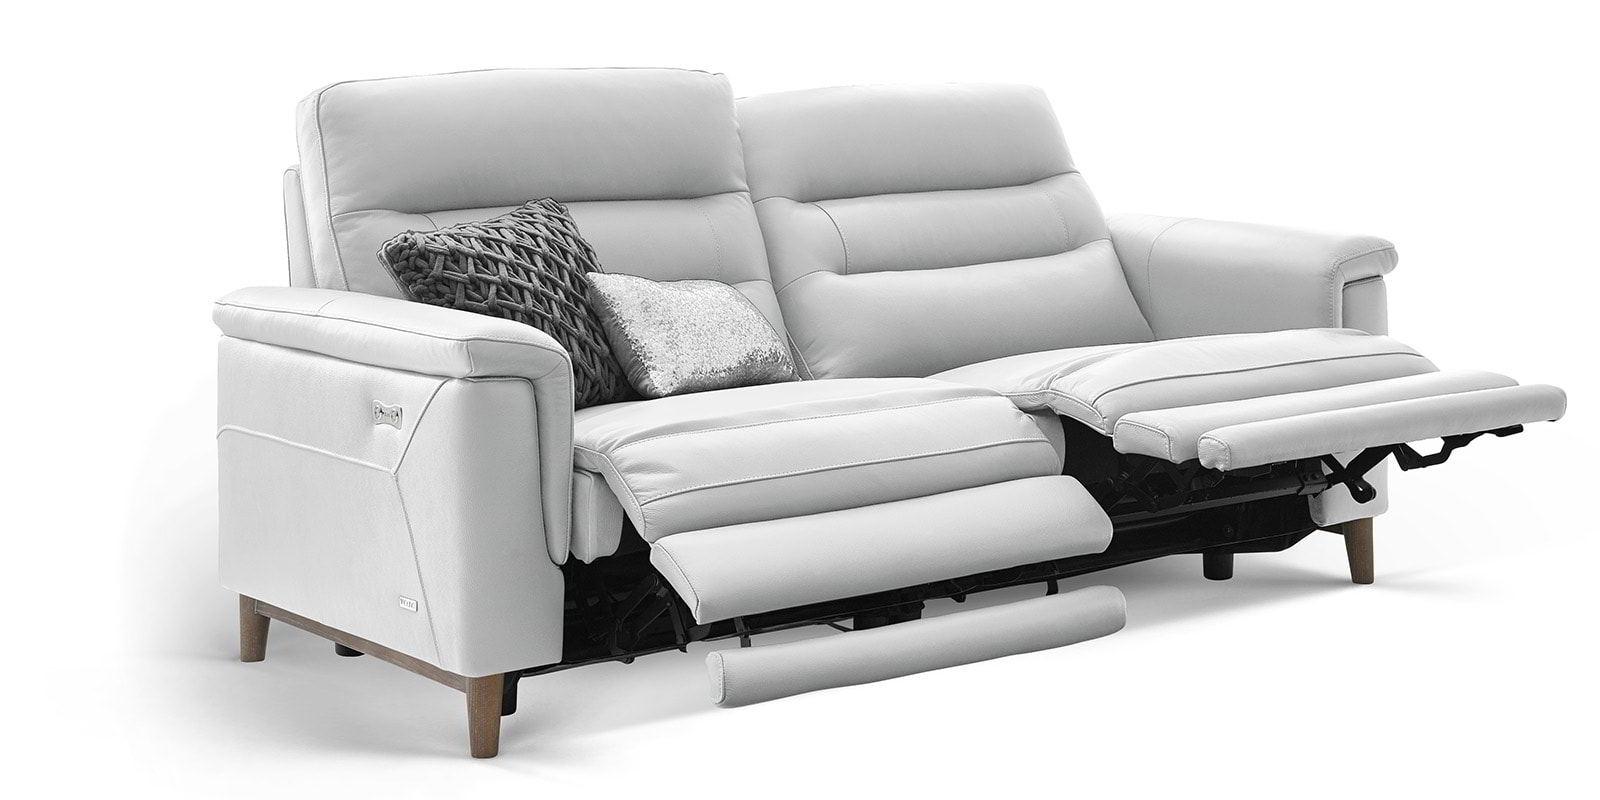 Full Size of Sofa Elektrisch Elektrischer Sitzvorzug Ausfahrbar Warum Ist Mein Geladen Stoff Ikea Aufgeladen Elektrische Relaxfunktion Was Tun Wenn Microfaser De Sede Sofa Sofa Elektrisch